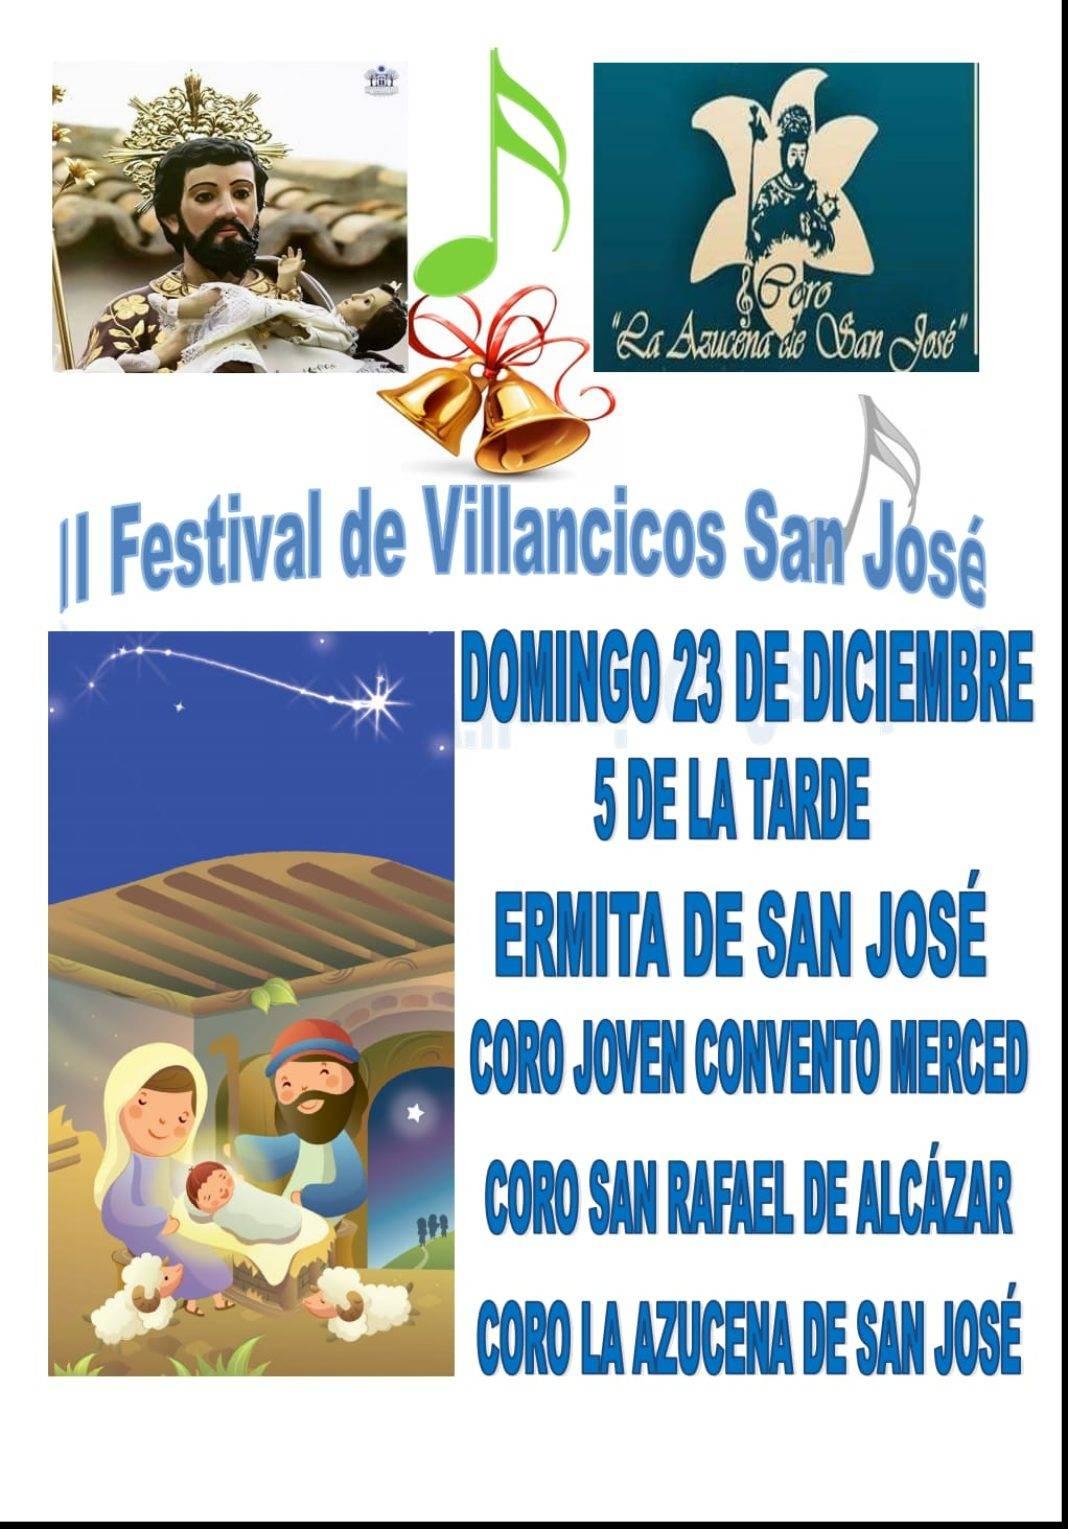 II Festival de Villancicos de San José 1068x1529 - Segundo Festival de Villancicos San José